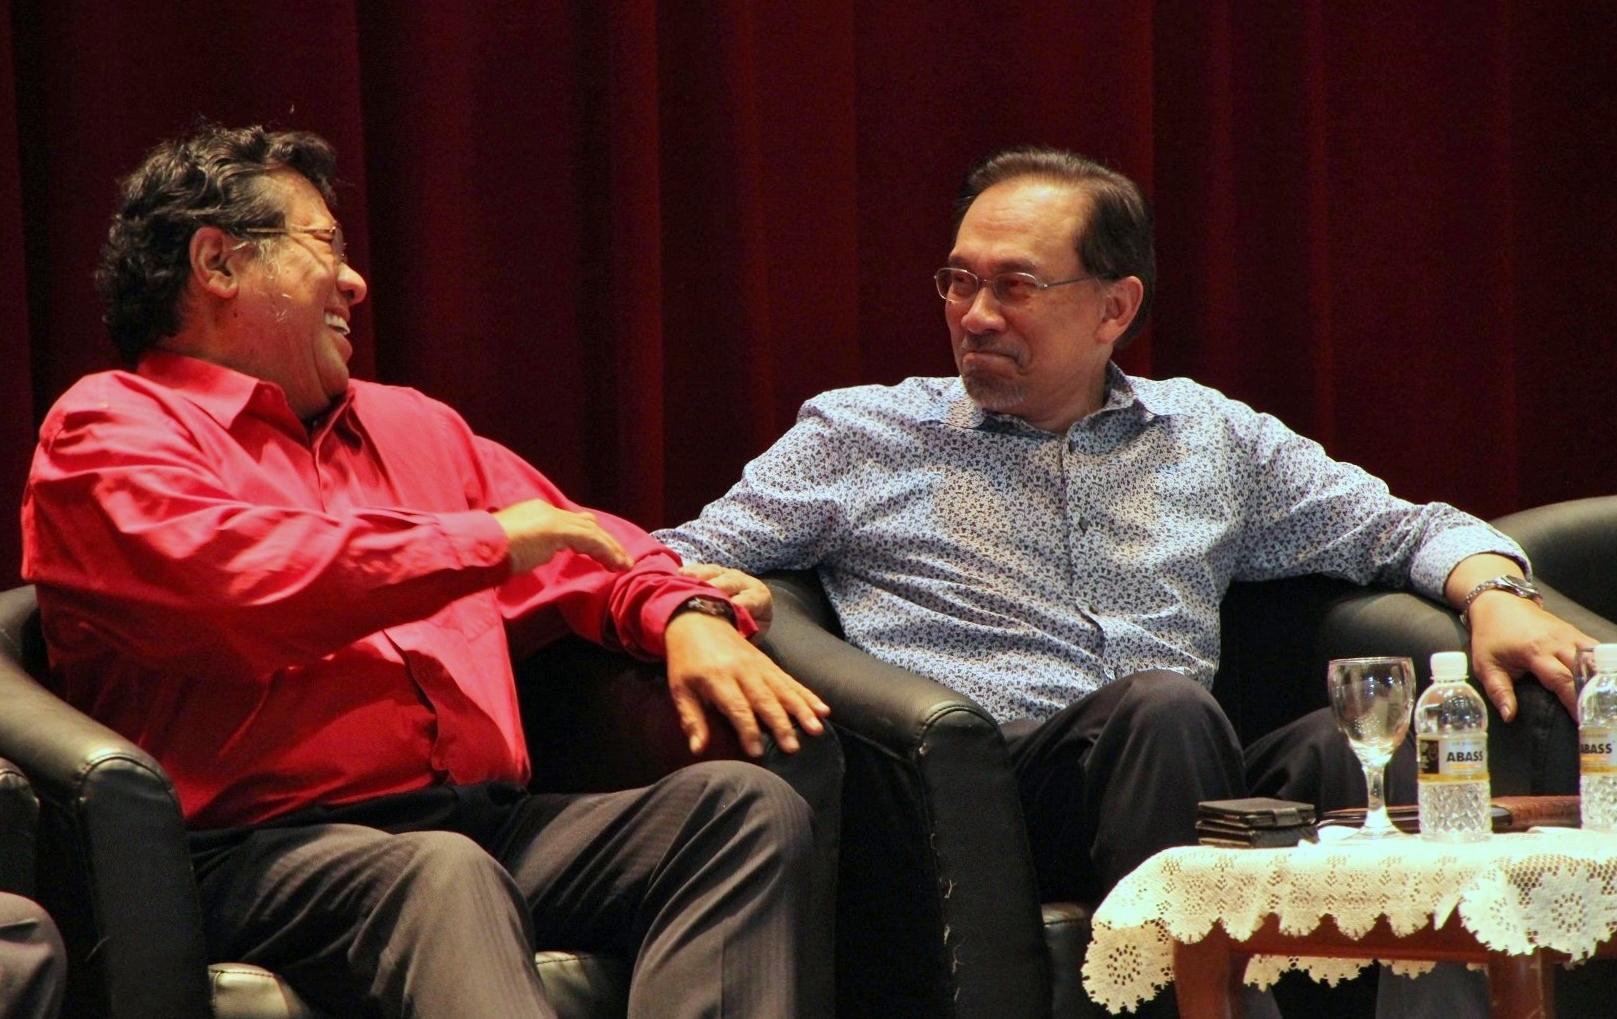 Perjanjian air boleh ditangguh, tetapi kita tetap sokong Khalid, kata Anwar